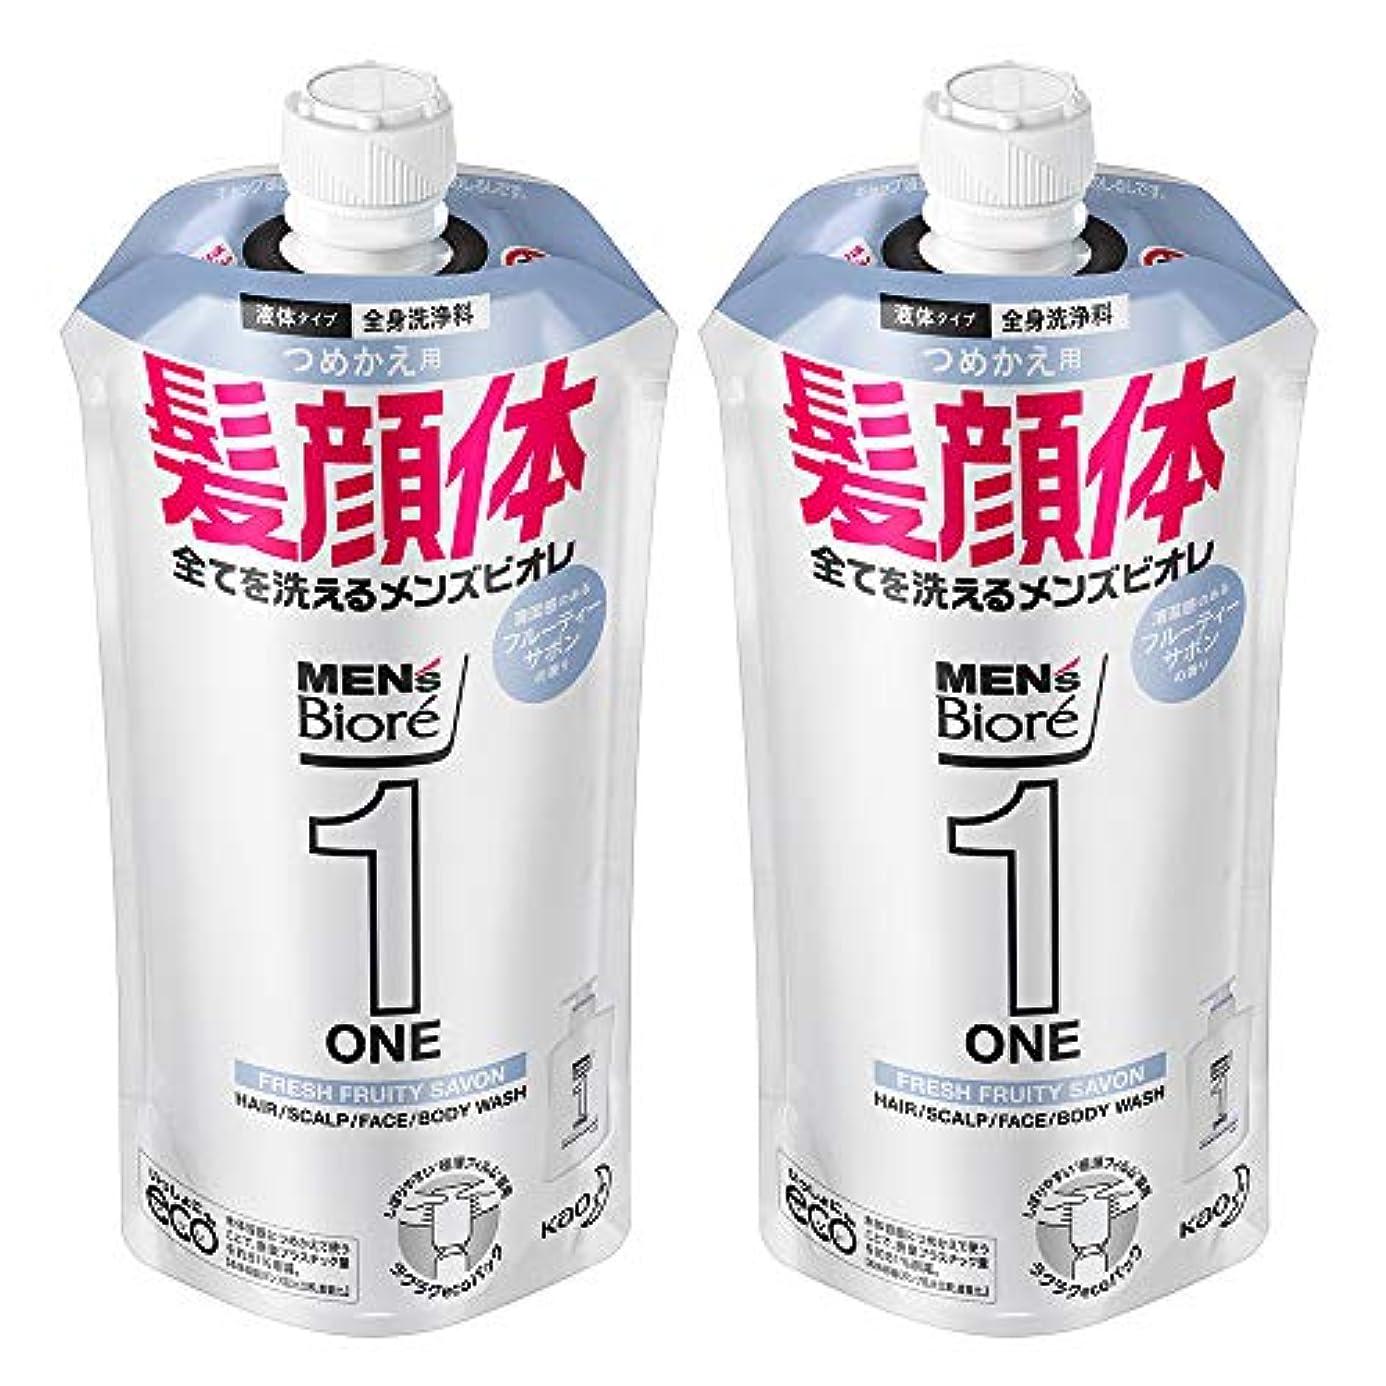 トリッキー勇者乗り出す【まとめ買い】メンズビオレ ONE オールインワン全身洗浄料 フルーティーサボンの香り つめかえ用 340ml×2個